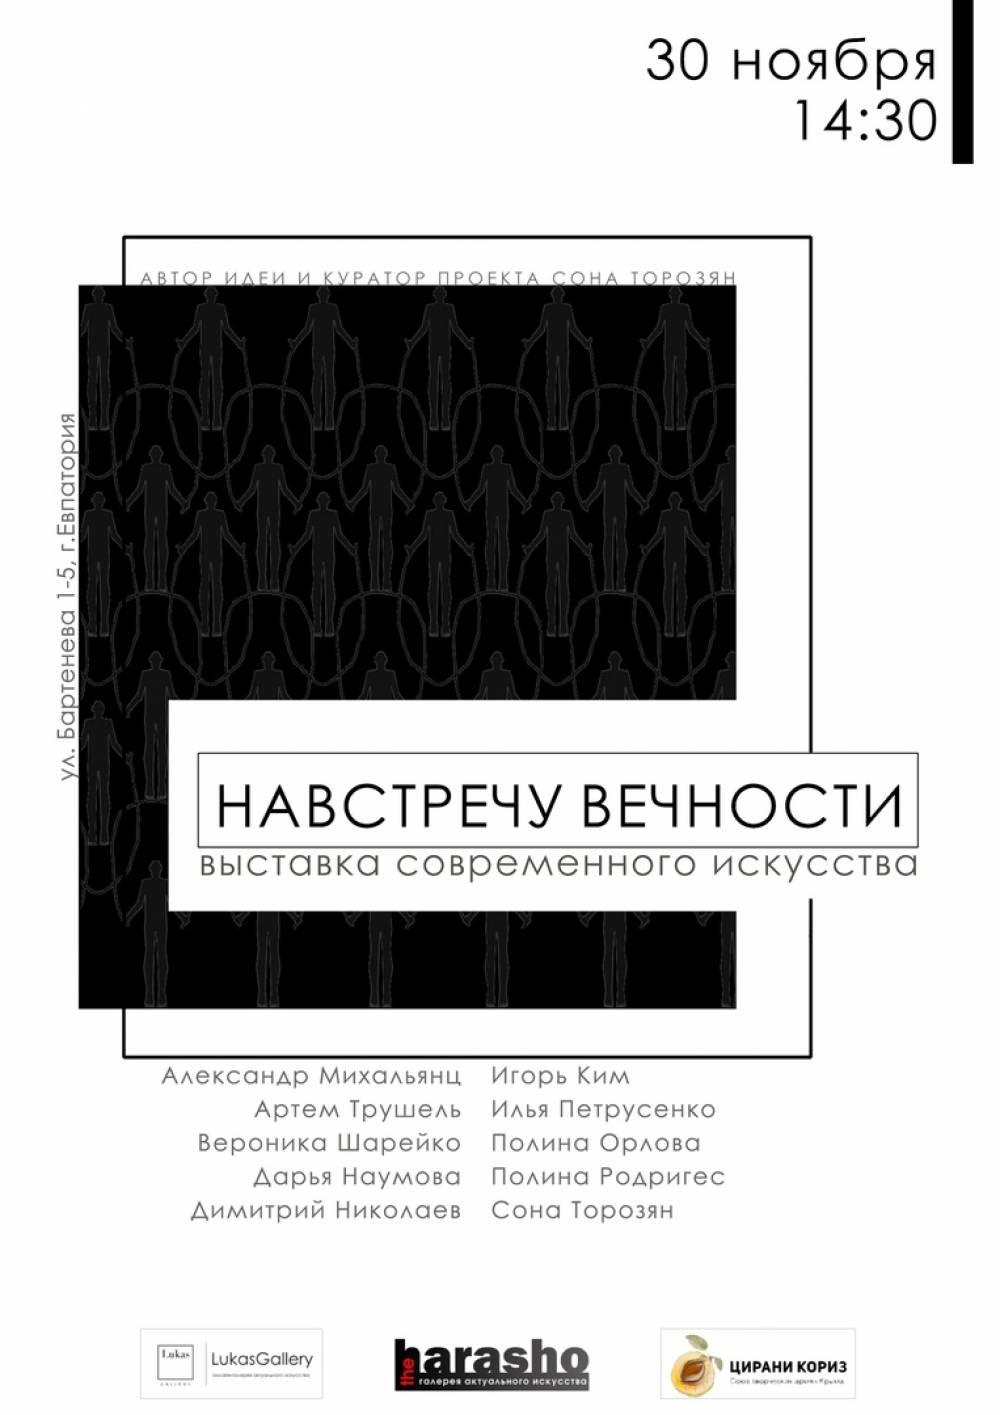 Театральная афиша, афиша ТЮЗа